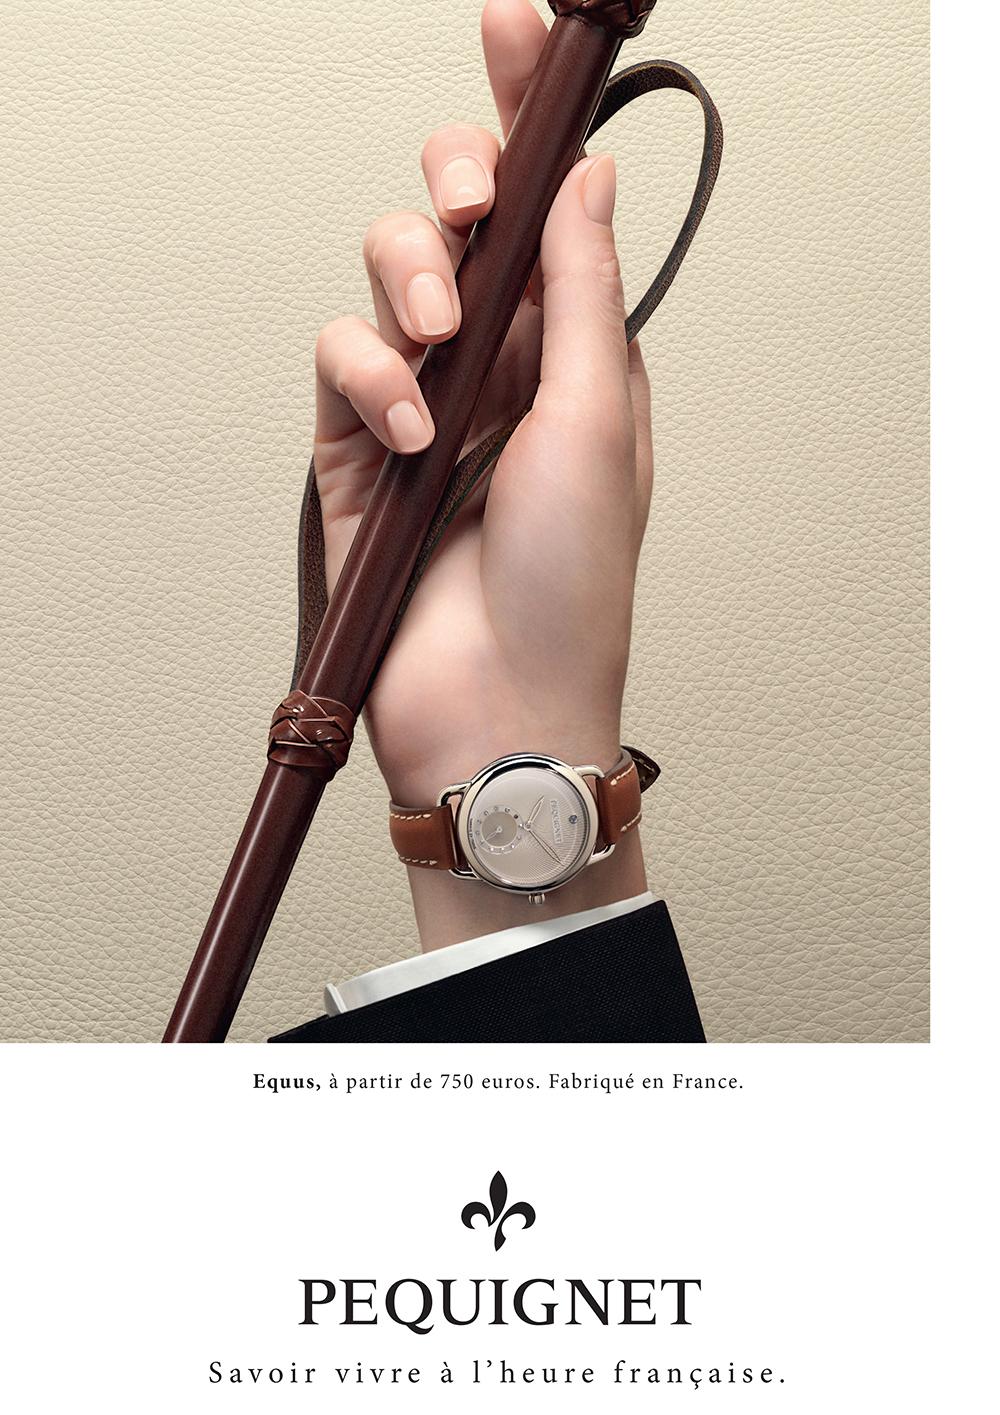 pequignet-montres-publicite-marketing-luxe-savoir-vivre-poignet-agence-buy-ideas-2015-4